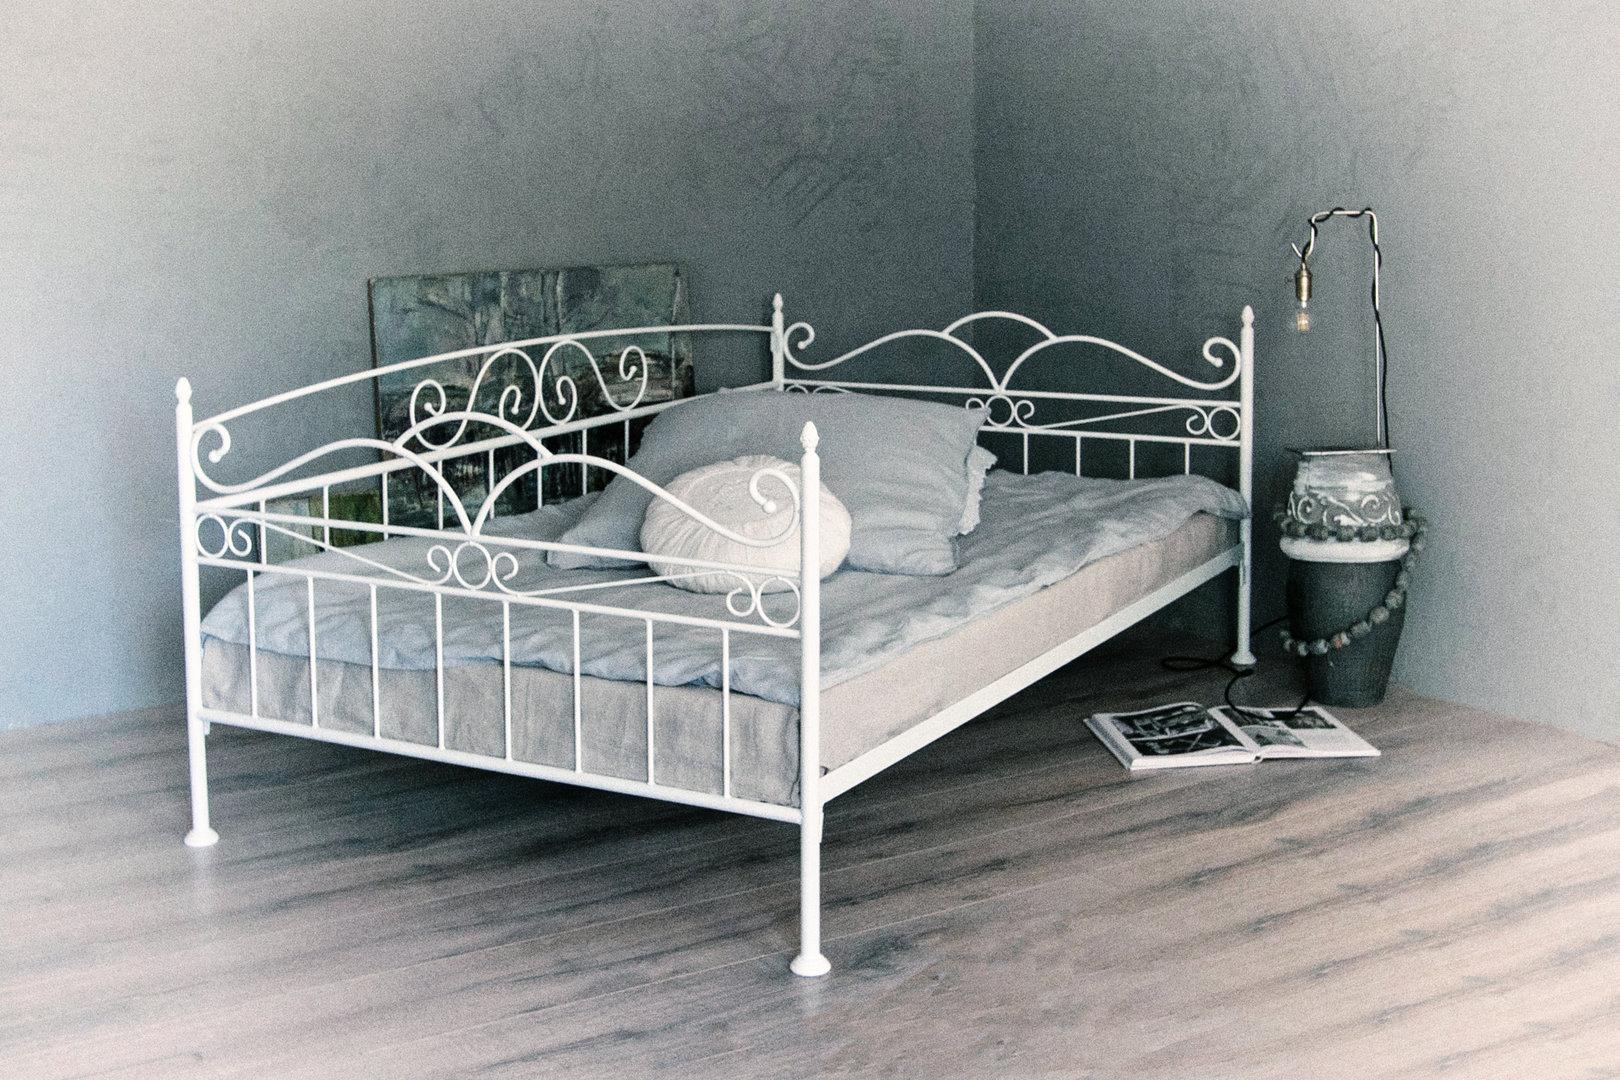 Full Size of Bett 140x200 Weiß Trend Sofa In Weiss Ecru Transparent Kupfer Günstige Betten Mit Bettkasten Aufbewahrung Leander 200x200 Designer Mädchen Esstisch Bett Bett 140x200 Weiß